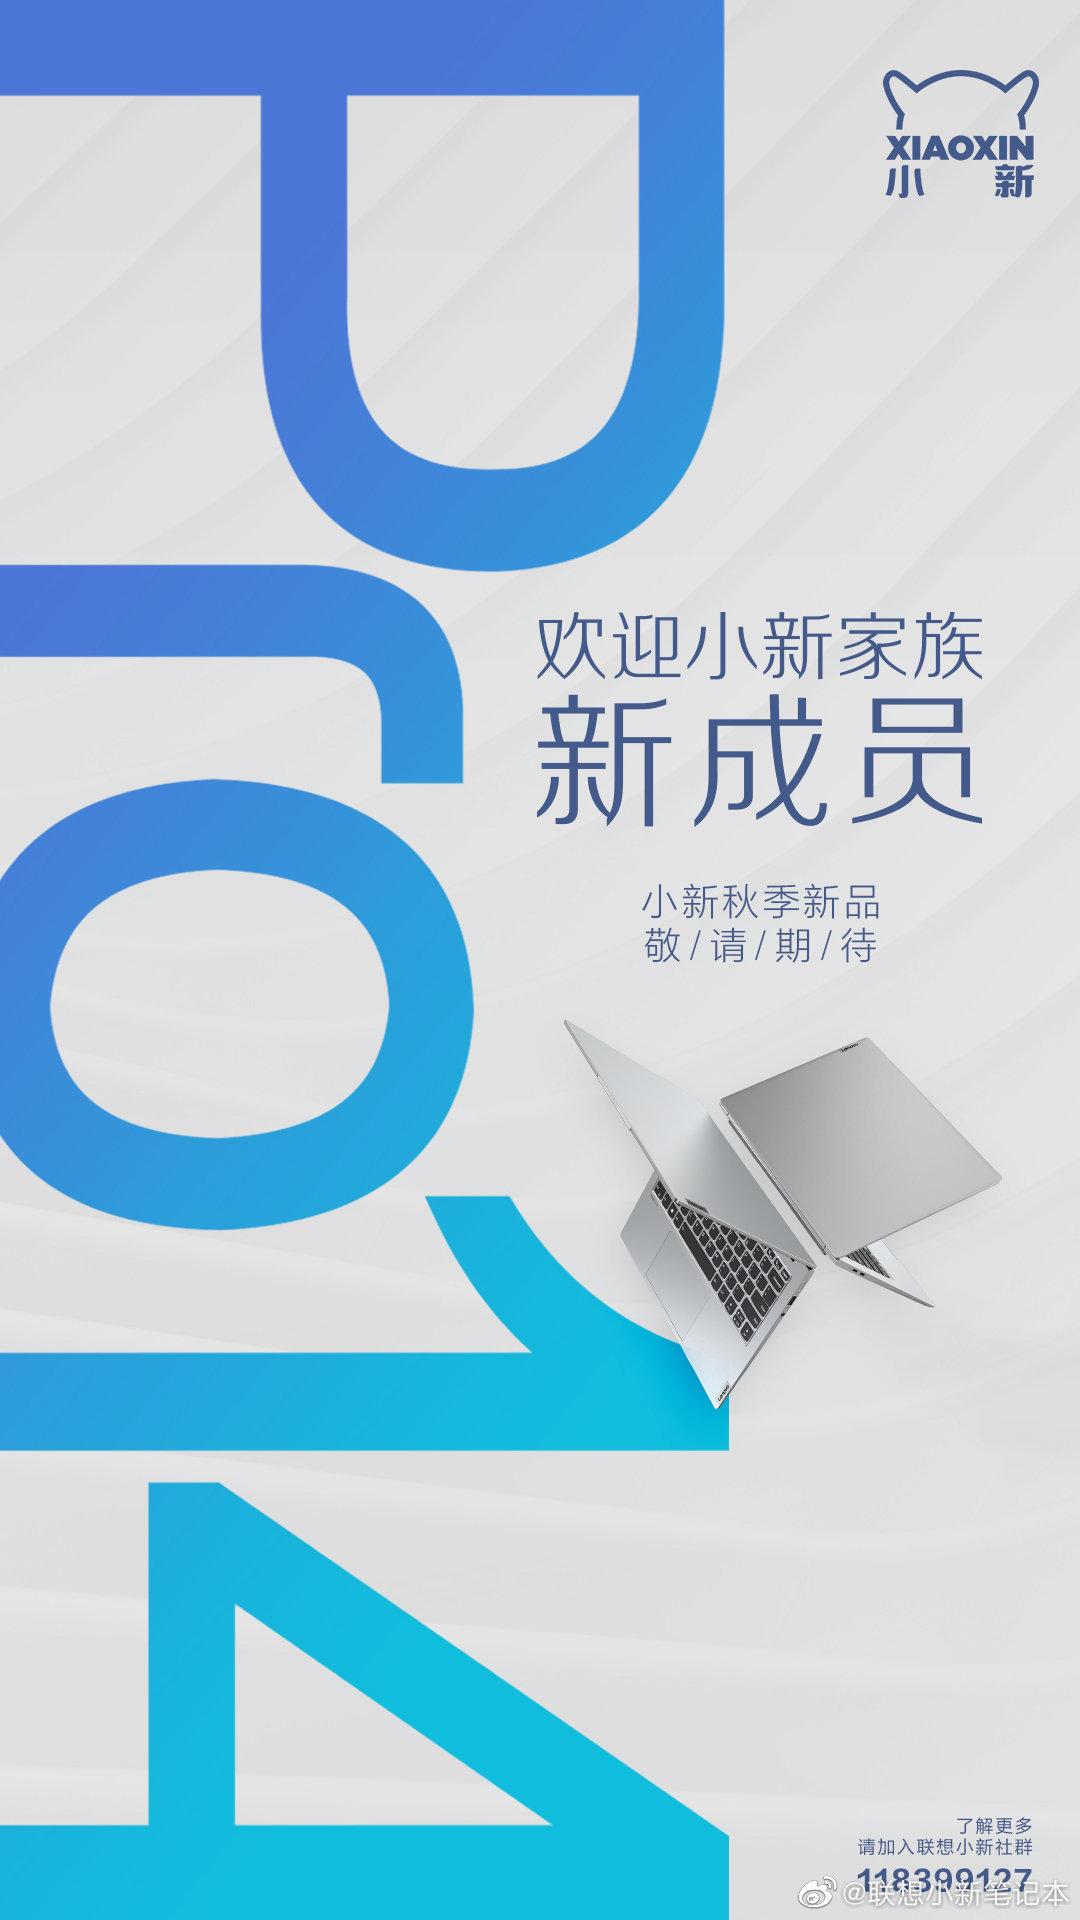 联想官方预热小新 Pro 14:搭载英伟达 MX450 独显 - 热点资讯 家电百科 第3张